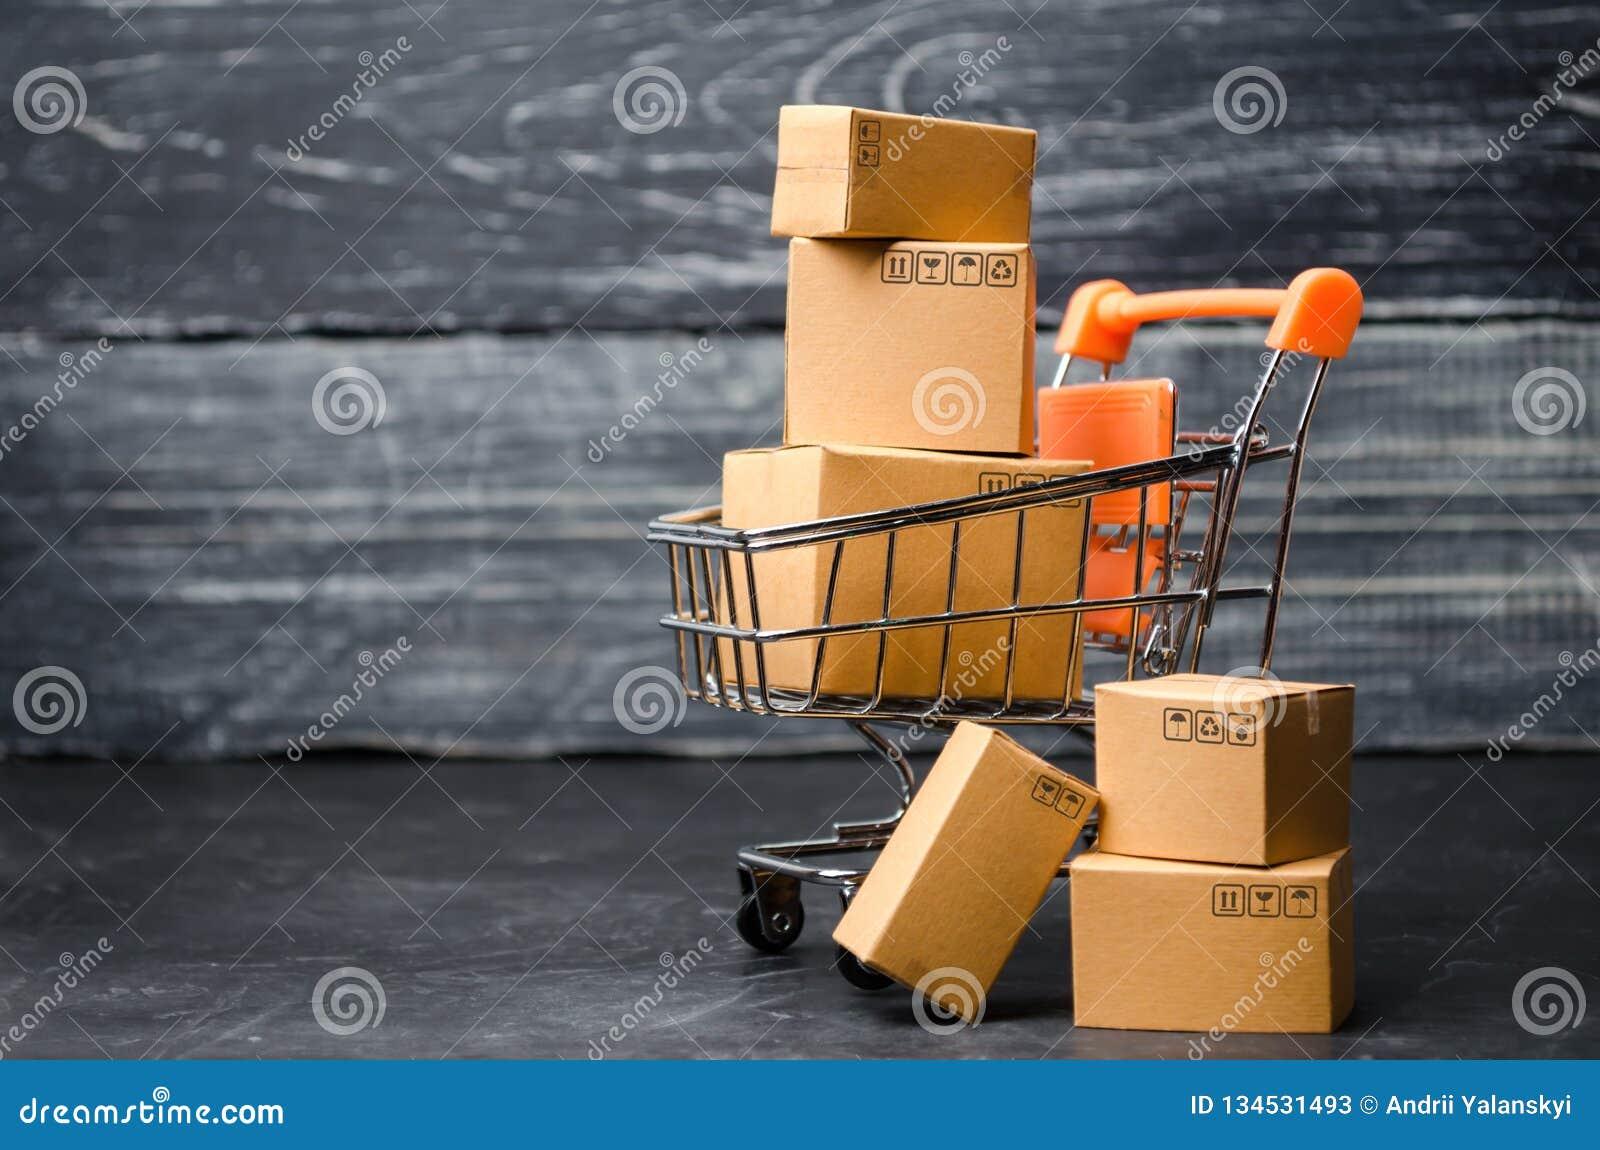 En supermarketvagn som laddas med kartonger Försäljningar av gods begrepp av handel och komrets, online-shopping högt leverans